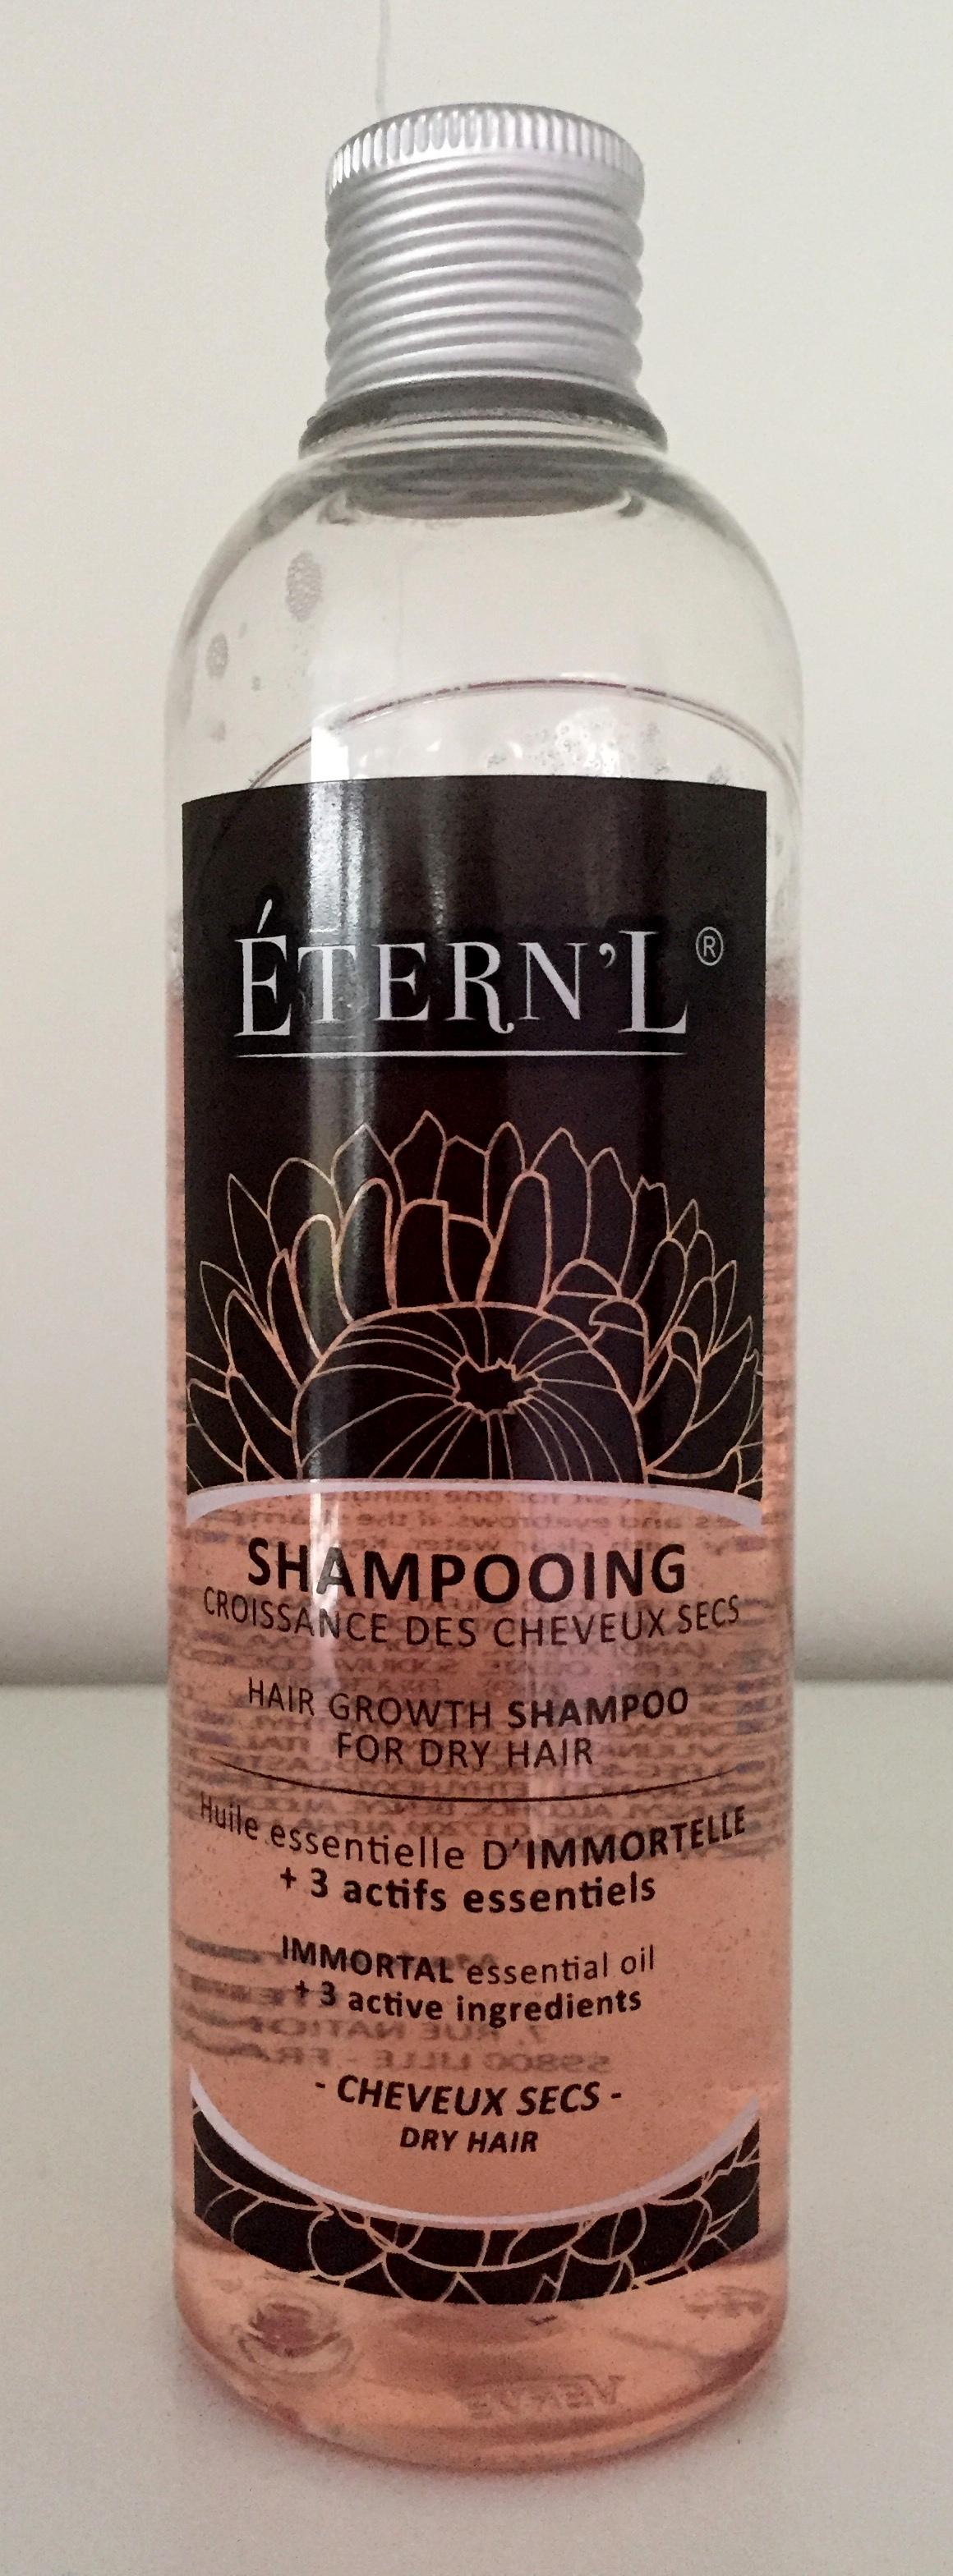 eternal shampoo bewertung